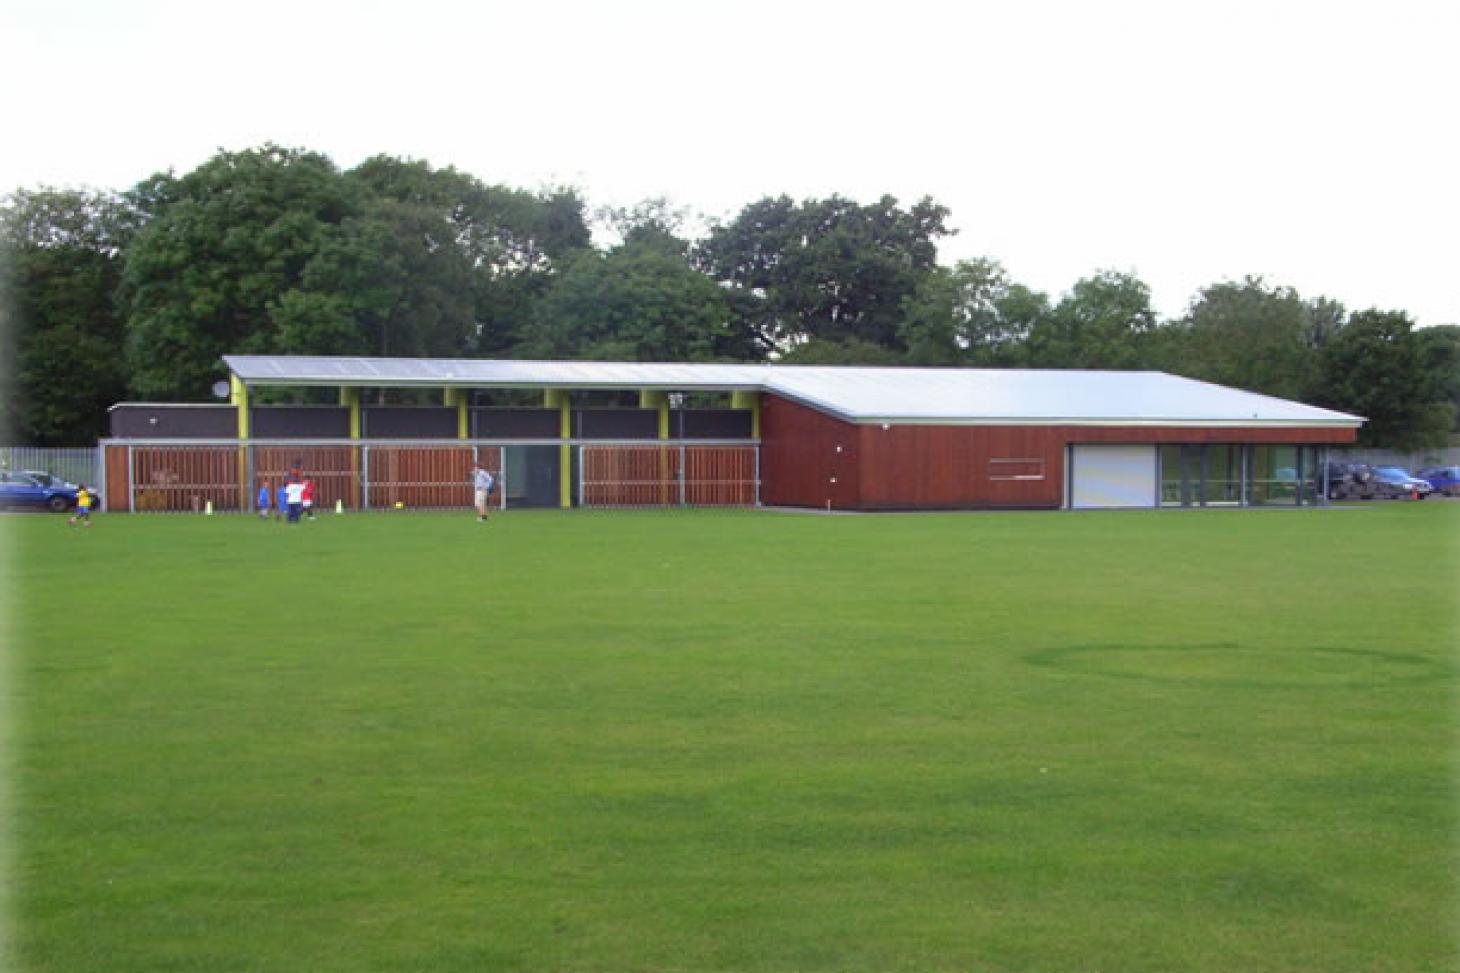 Ten Em Bee Sports Development Centre 11 a side | Grass football pitch